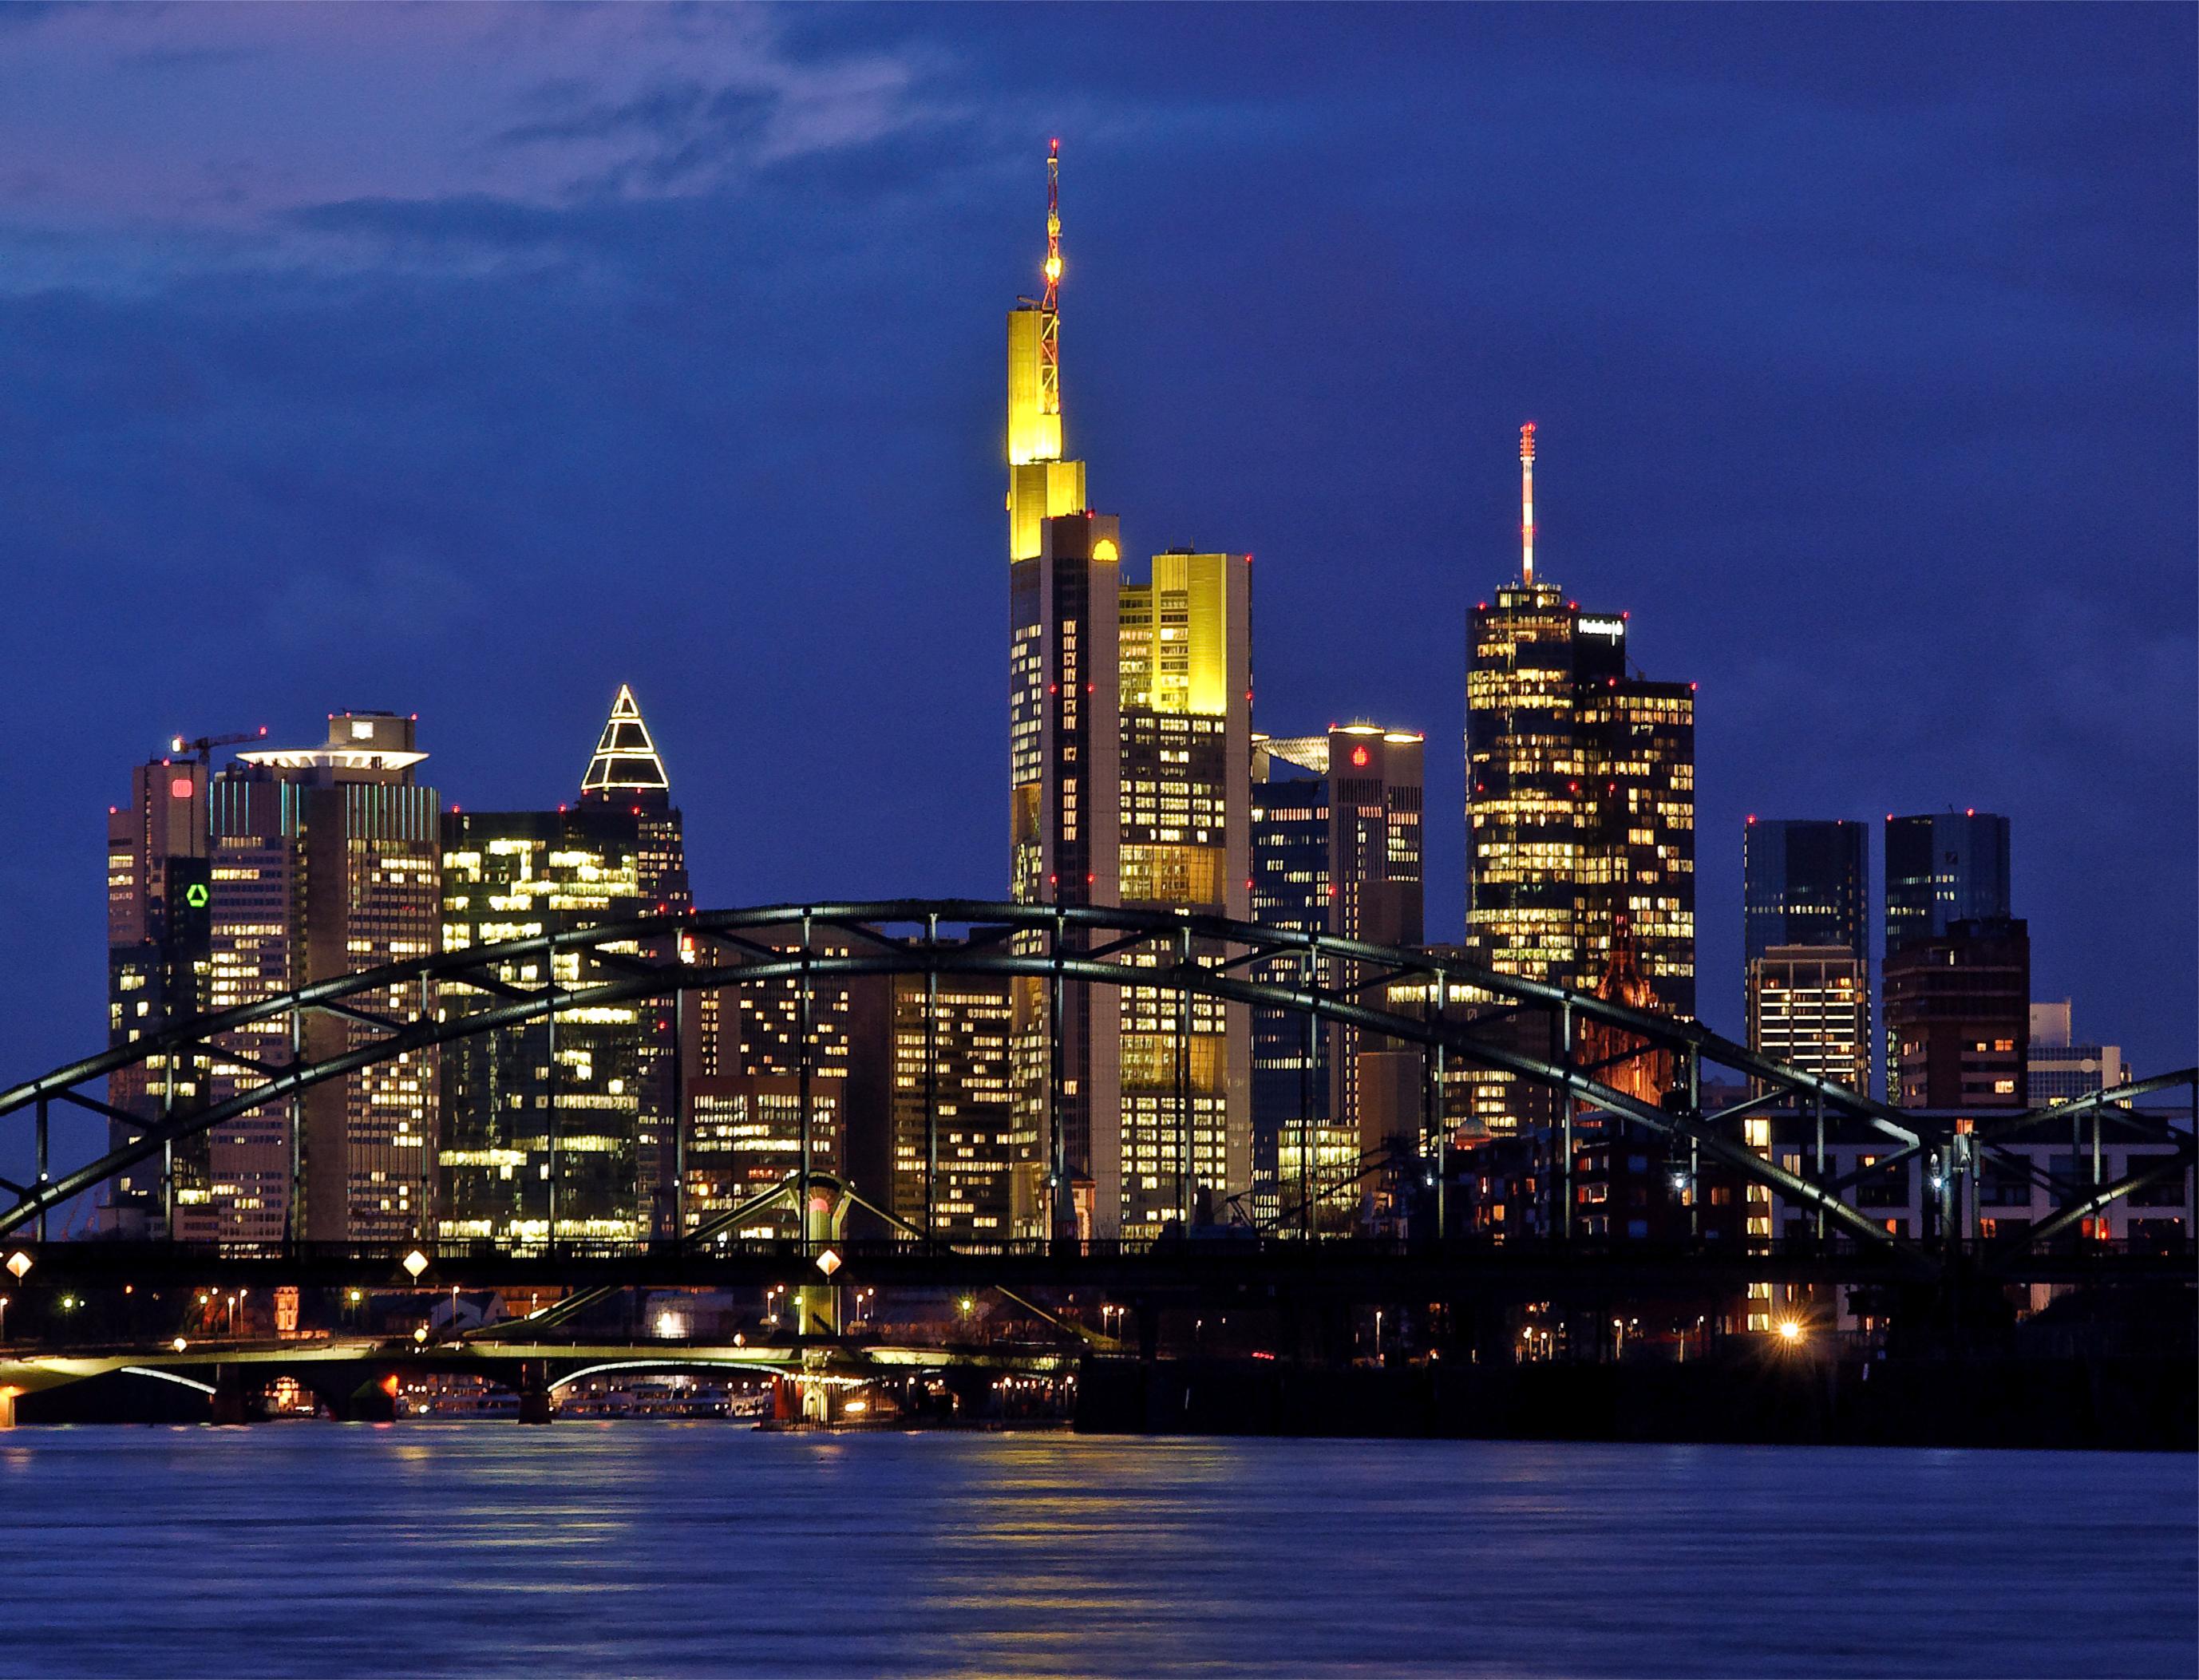 страны архитектура вечер город Франкфурт-на-Майне Германия  № 155533  скачать